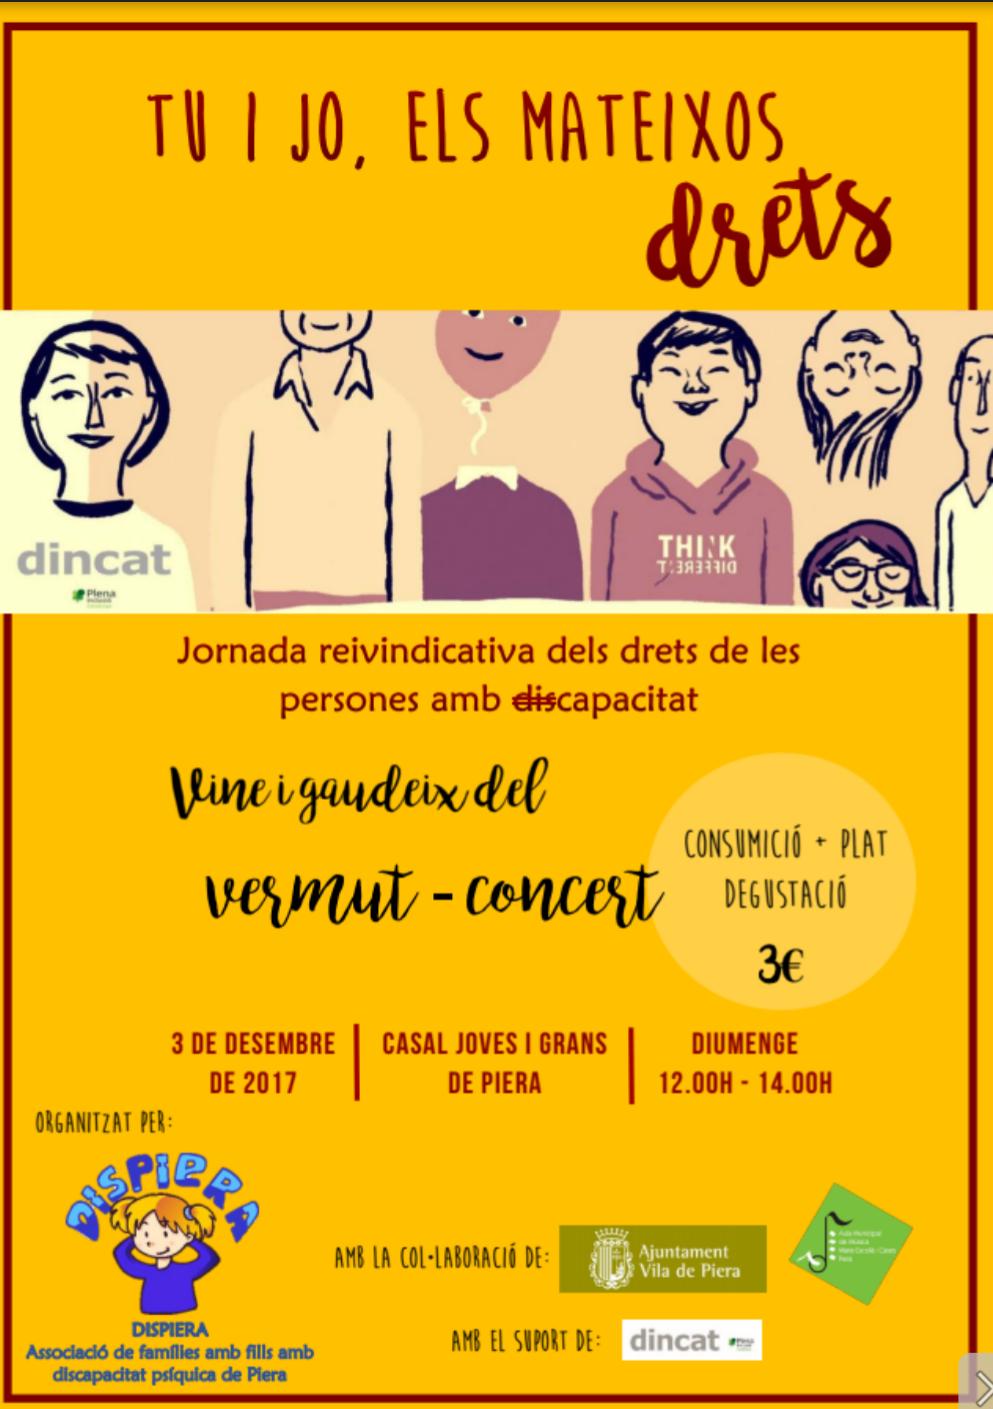 DISPIERA – Dia internacional de les persones amb discapacitat